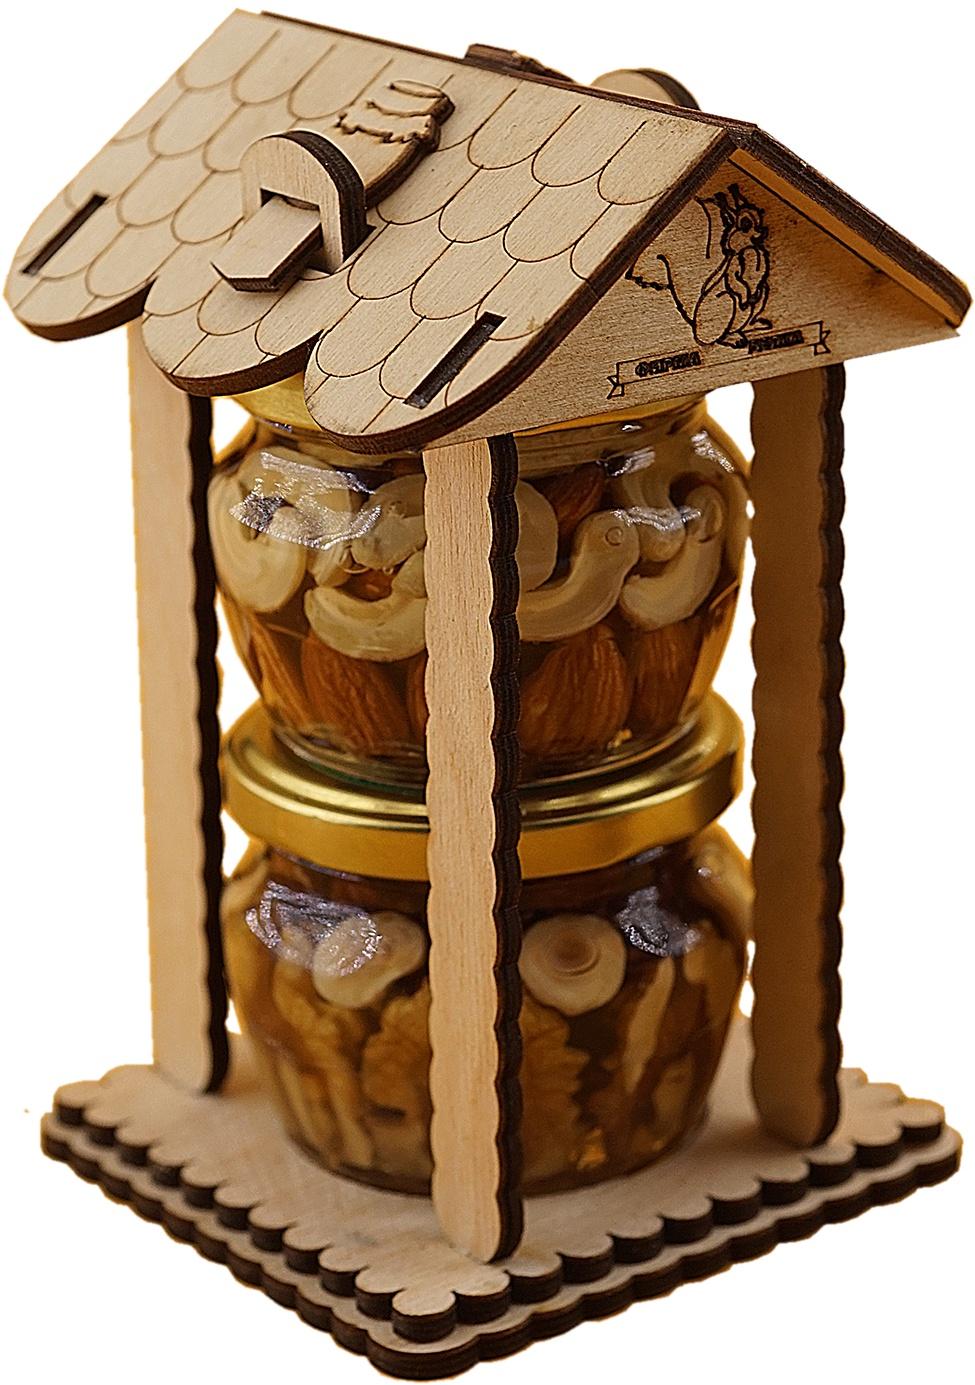 Ассорти из орехов в меду в сувенирной упаковке 360 гр